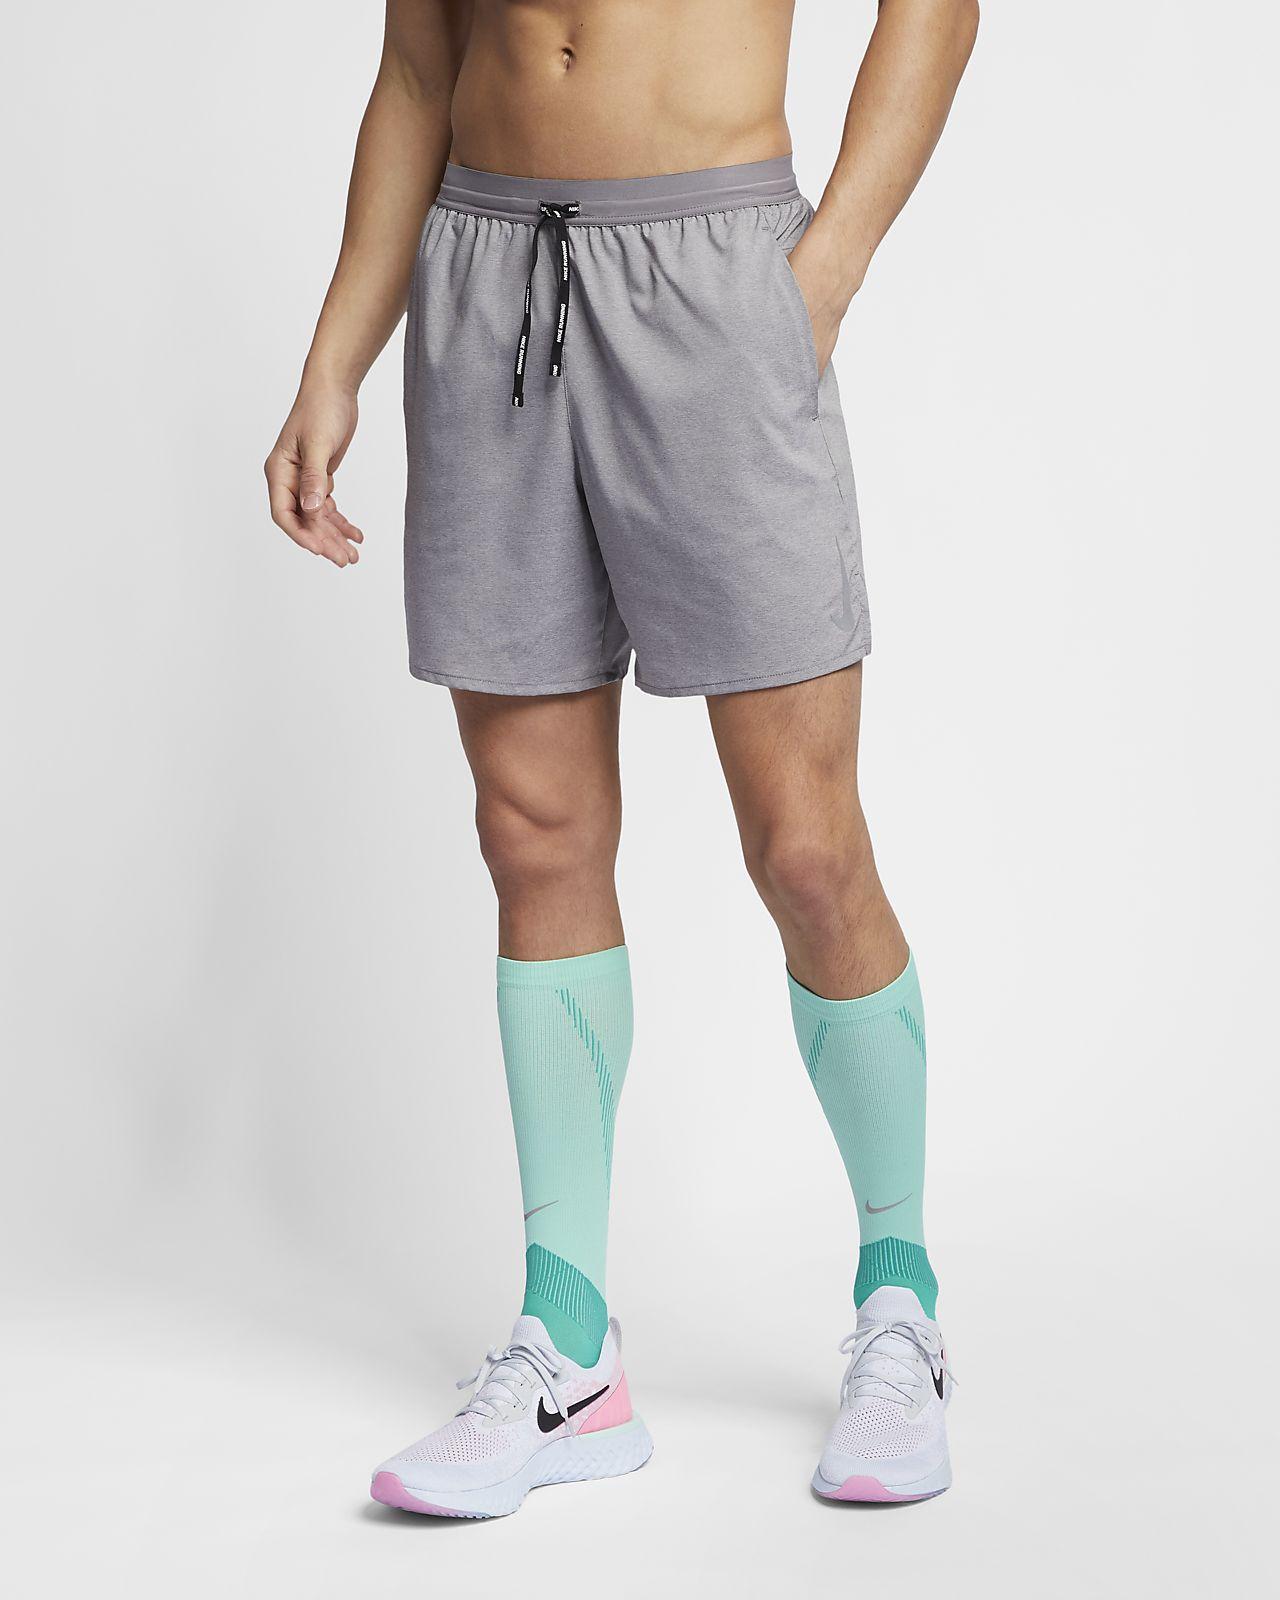 Nike Flex Stride Pantalón corto de running de 18 cm - Hombre